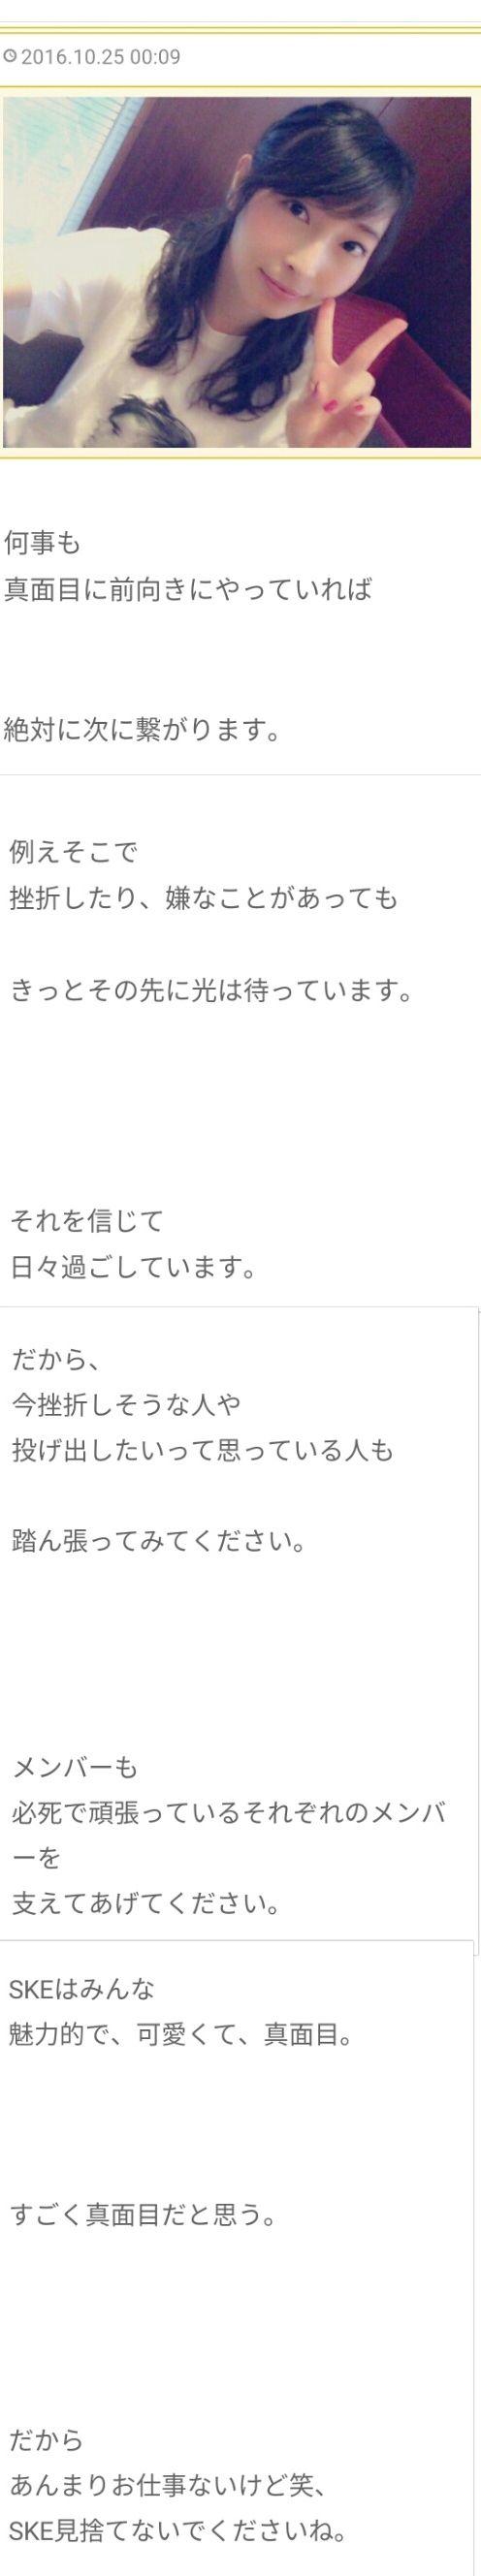 【エンタメ画像】大矢真那「あんまりお仕事ないけど笑、SKE見捨てないでくださいね!!!」